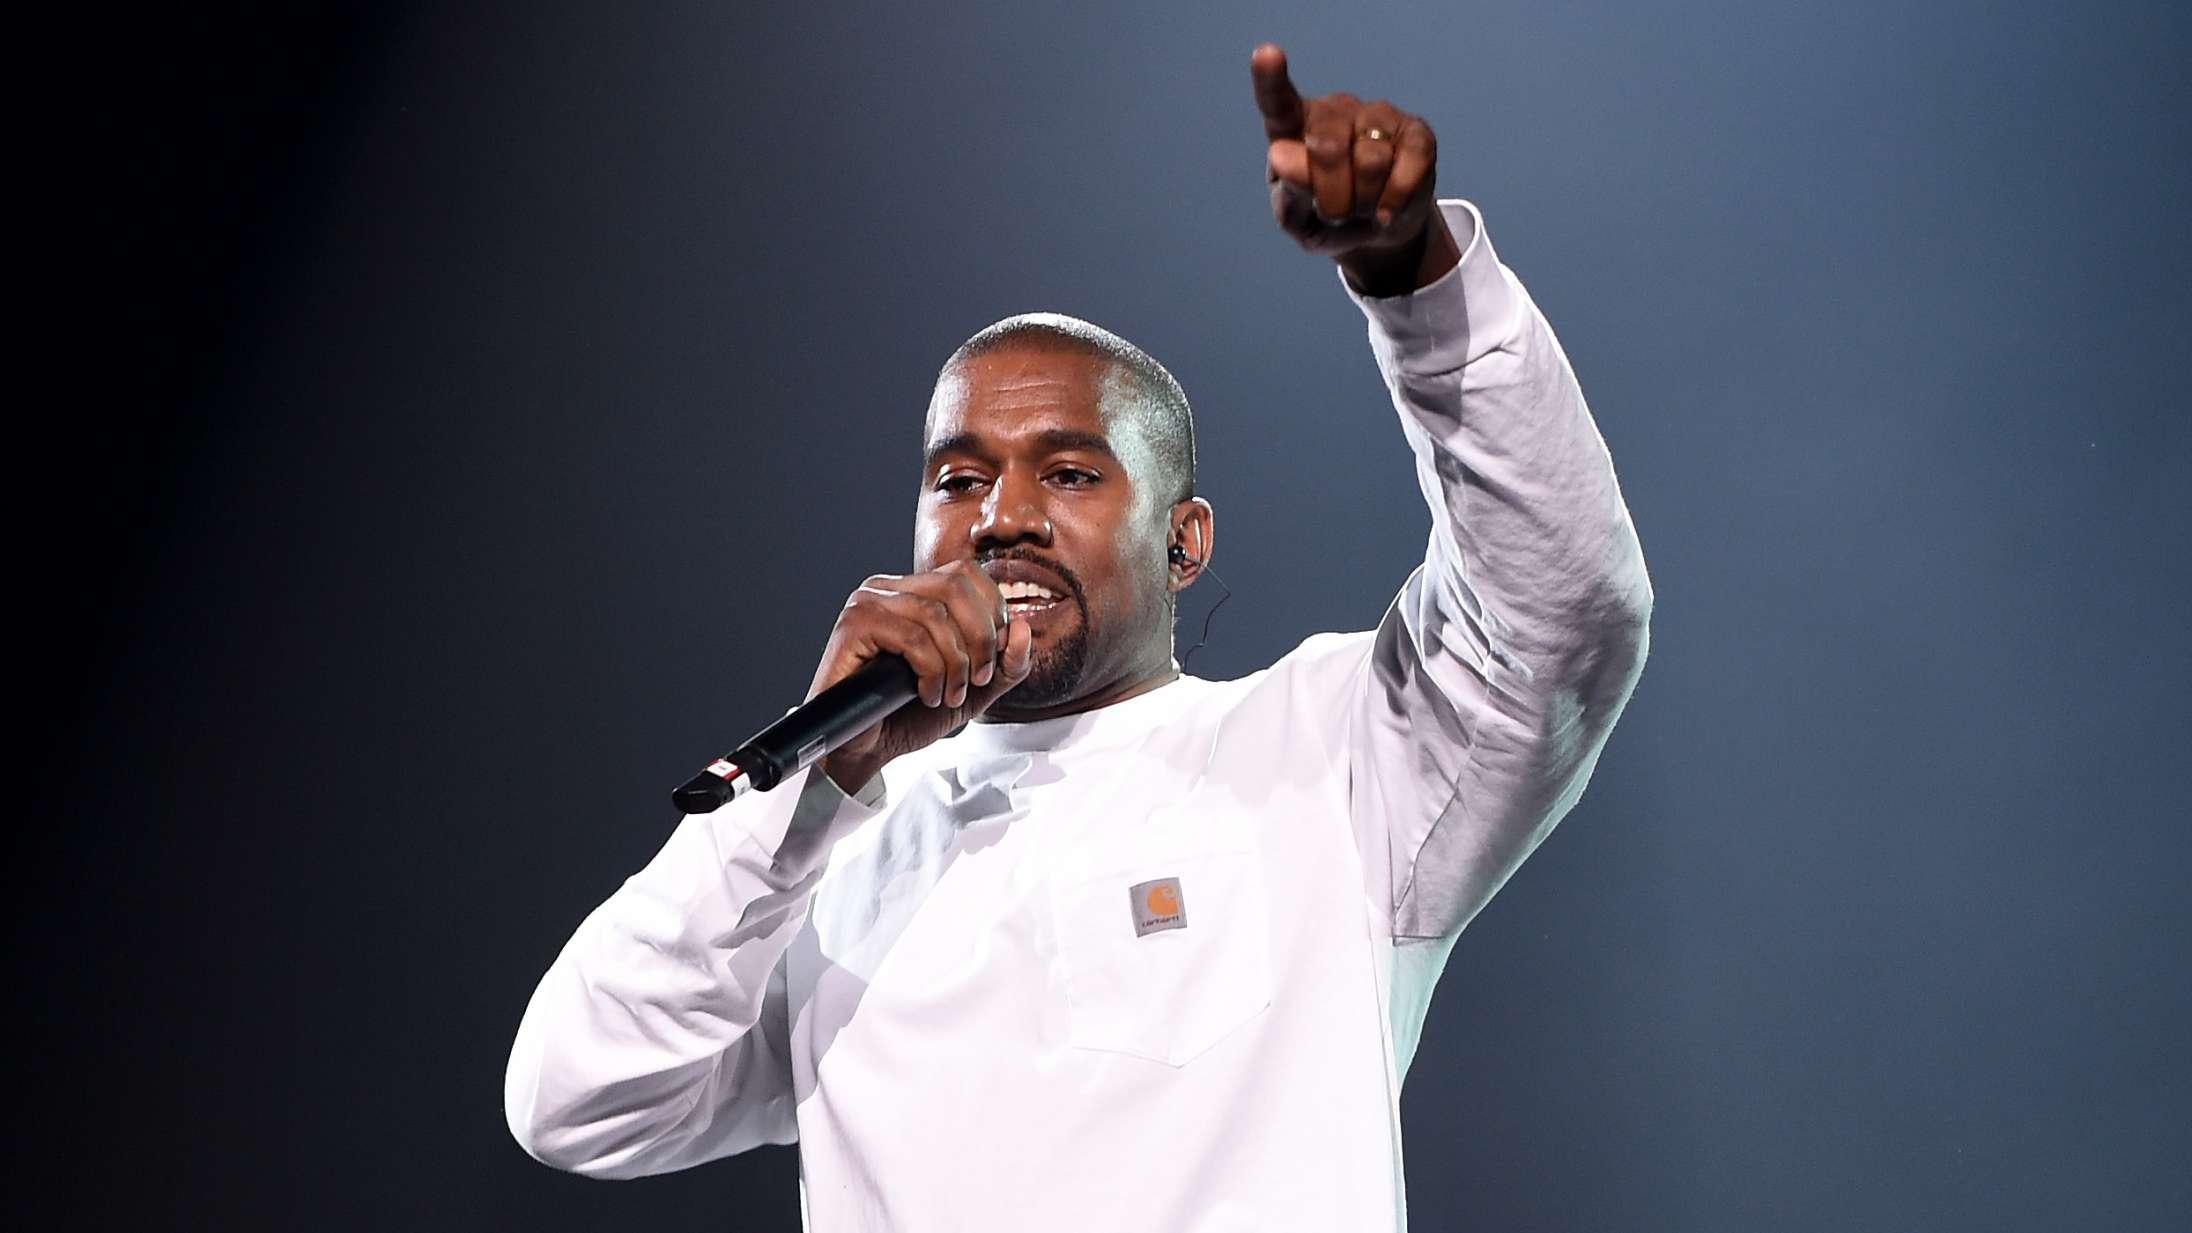 Kanye Wests 'Ye' afmaler hans mentale sinuskurver på godt og ondt